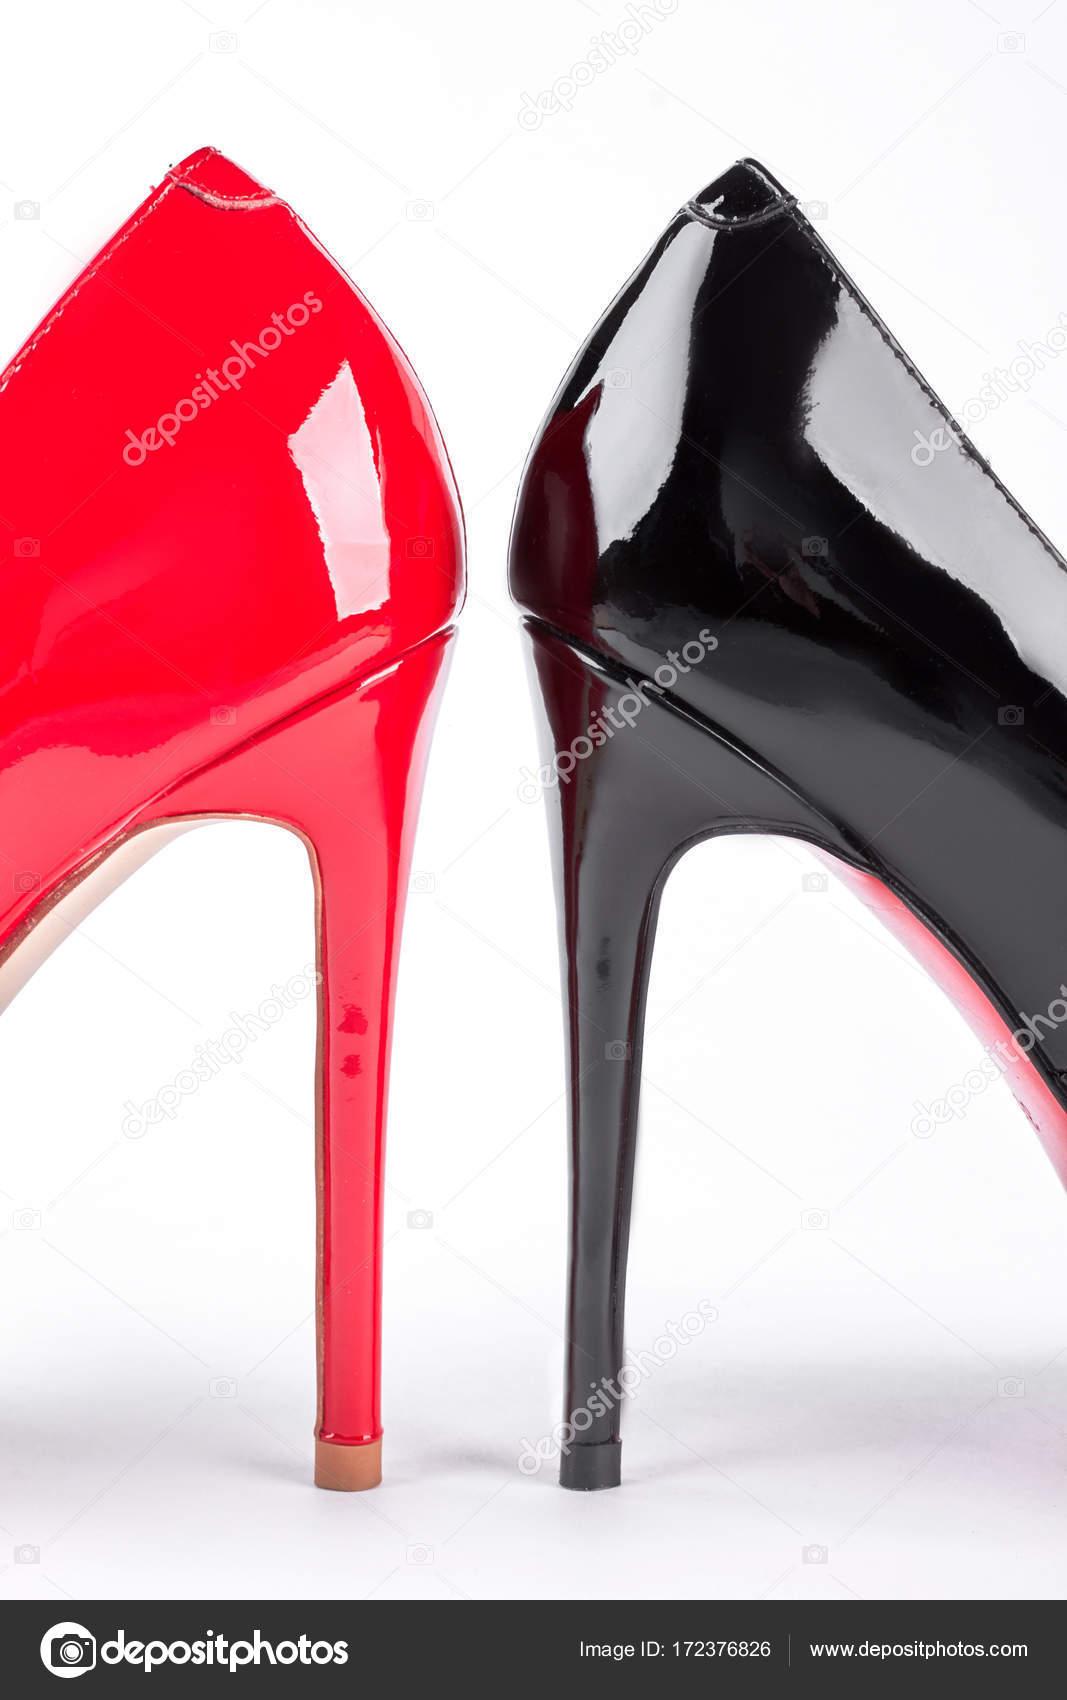 1936f9959a6 Női divat cipő lakkozott. Fekete és piros magas sarkú elszigetelt fehér  background. Divat cipő eladó — Fotó szerzőtől Denisfilm